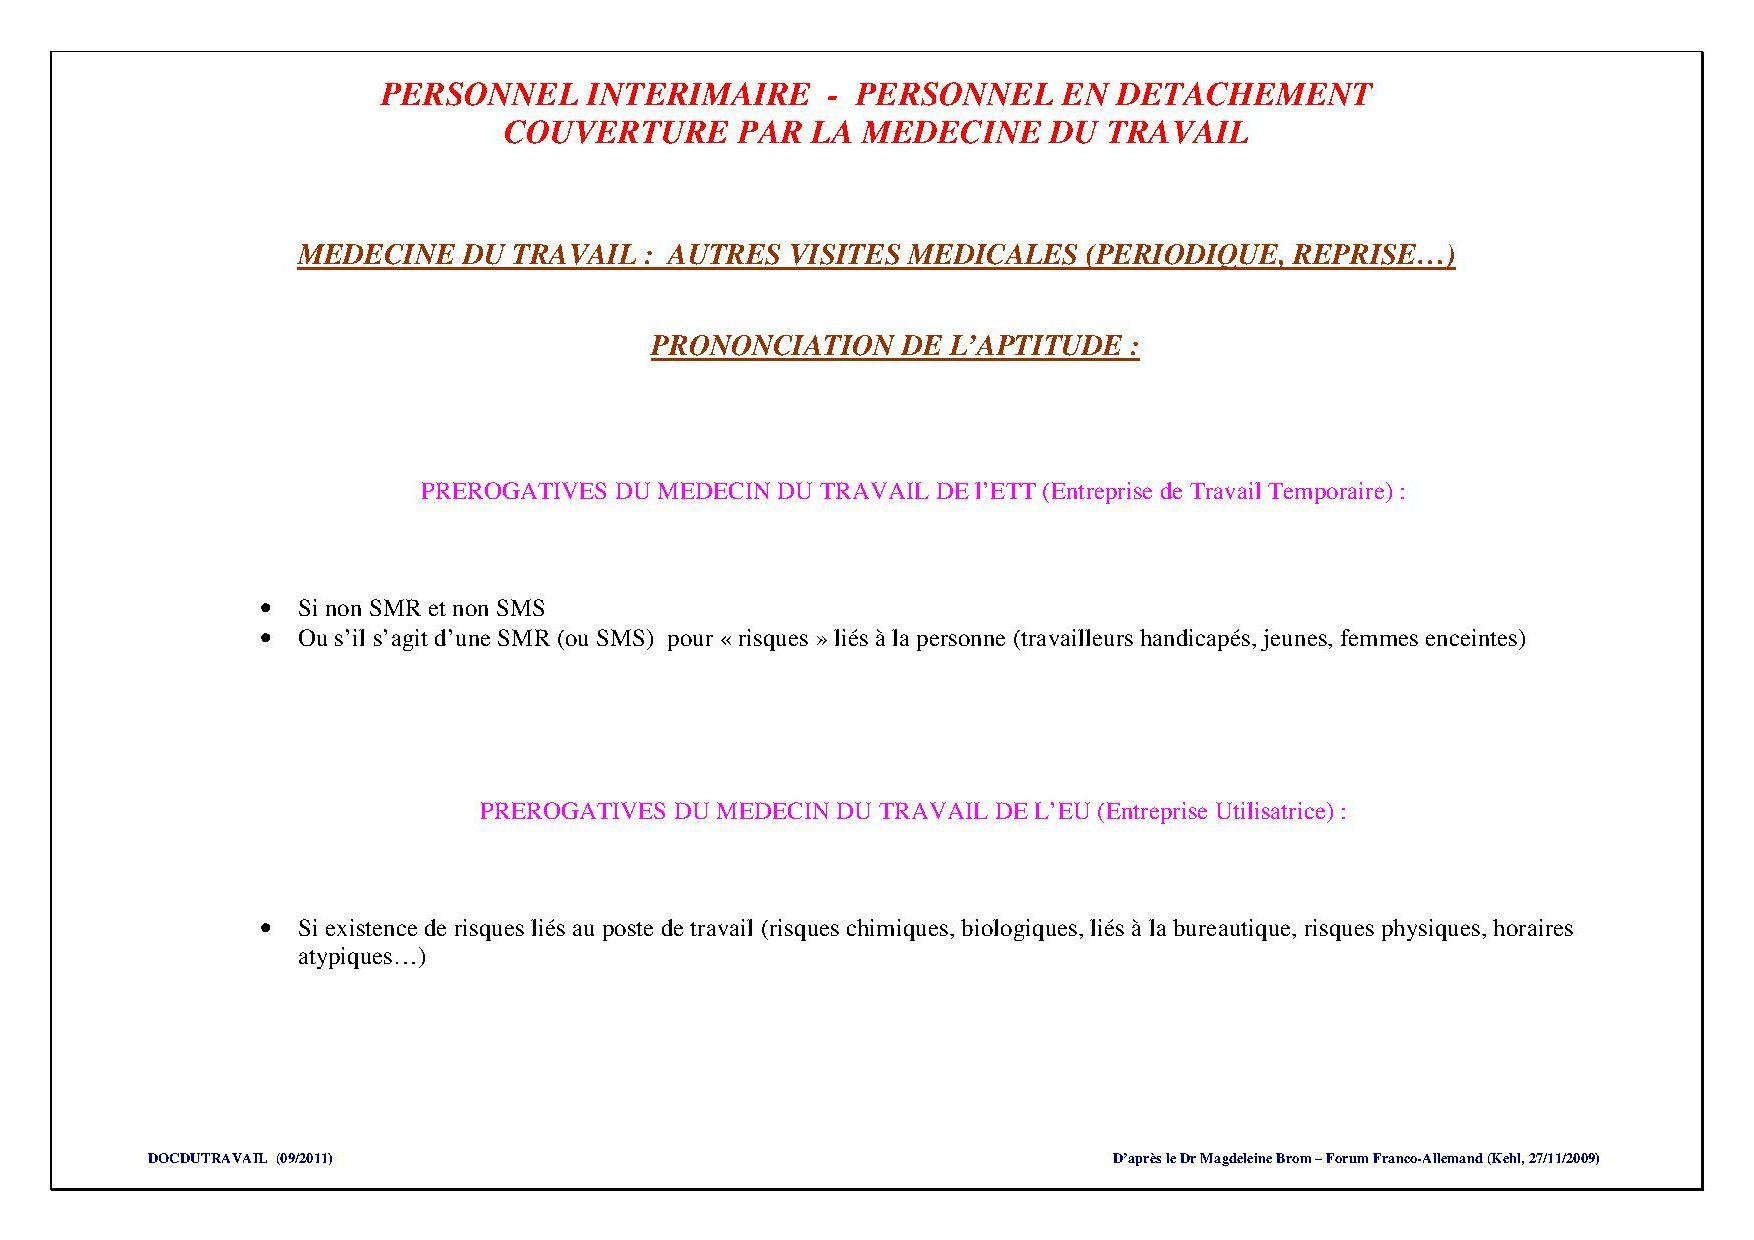 Personnel en Détachement - Intérimaire (Visite Périodique, de Reprise)